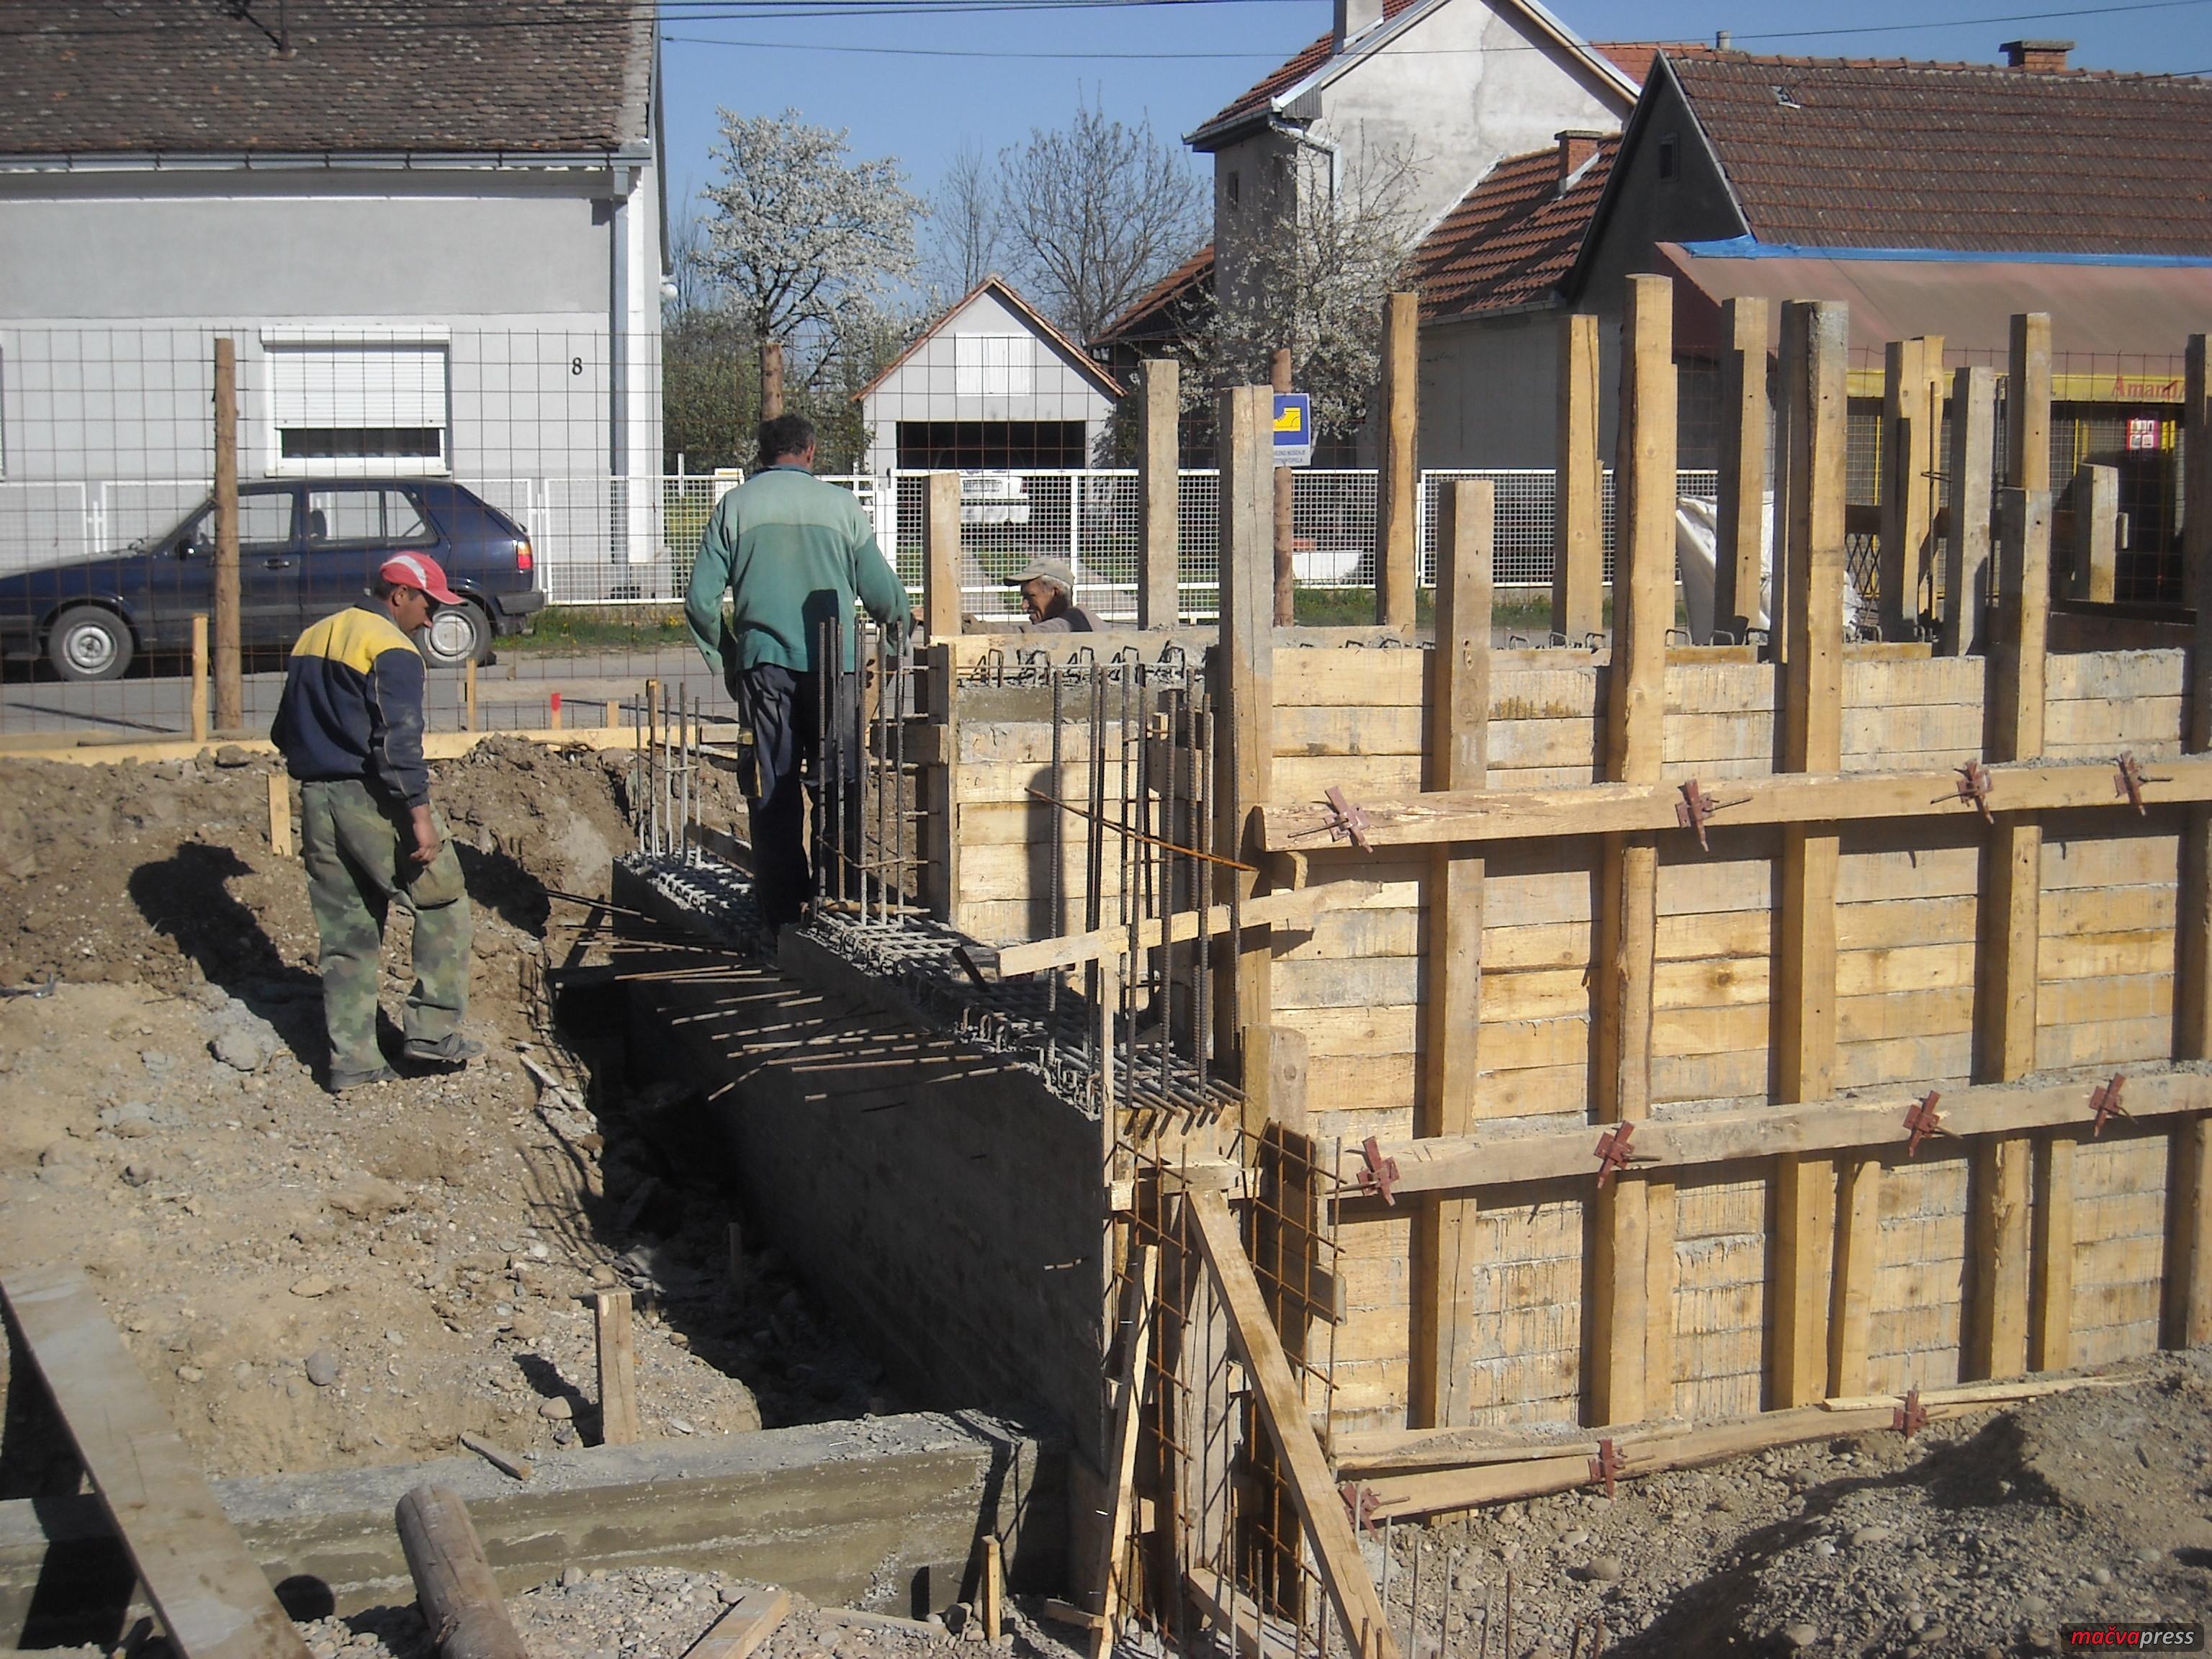 """Gradnja - Za 200 """"divljaka"""" doneta rešenja za rušenje"""